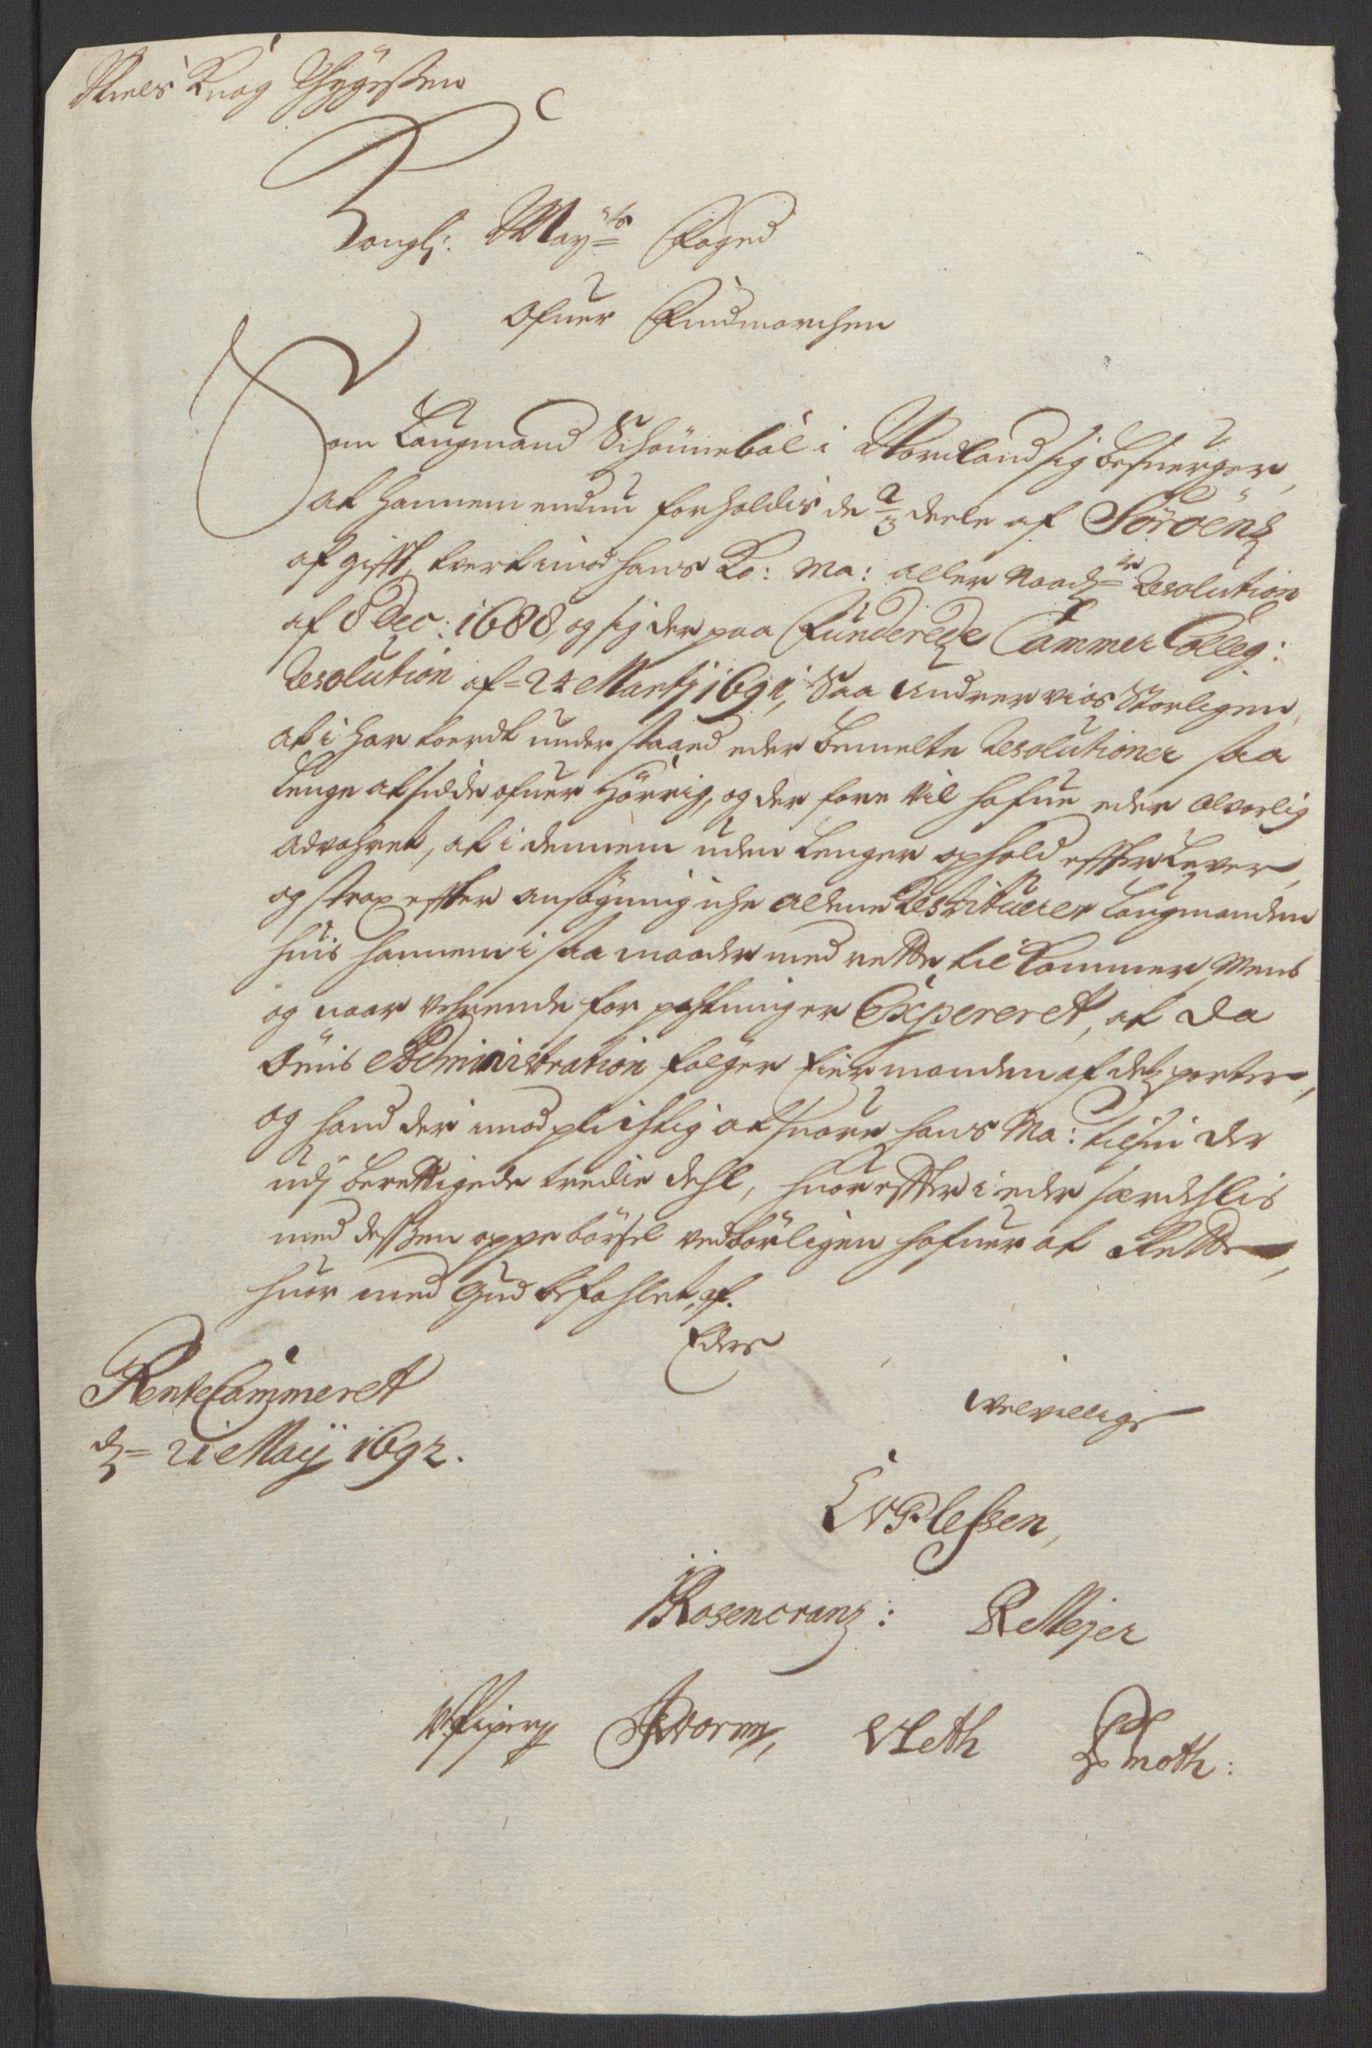 RA, Rentekammeret inntil 1814, Reviderte regnskaper, Fogderegnskap, R69/L4851: Fogderegnskap Finnmark/Vardøhus, 1691-1700, s. 173